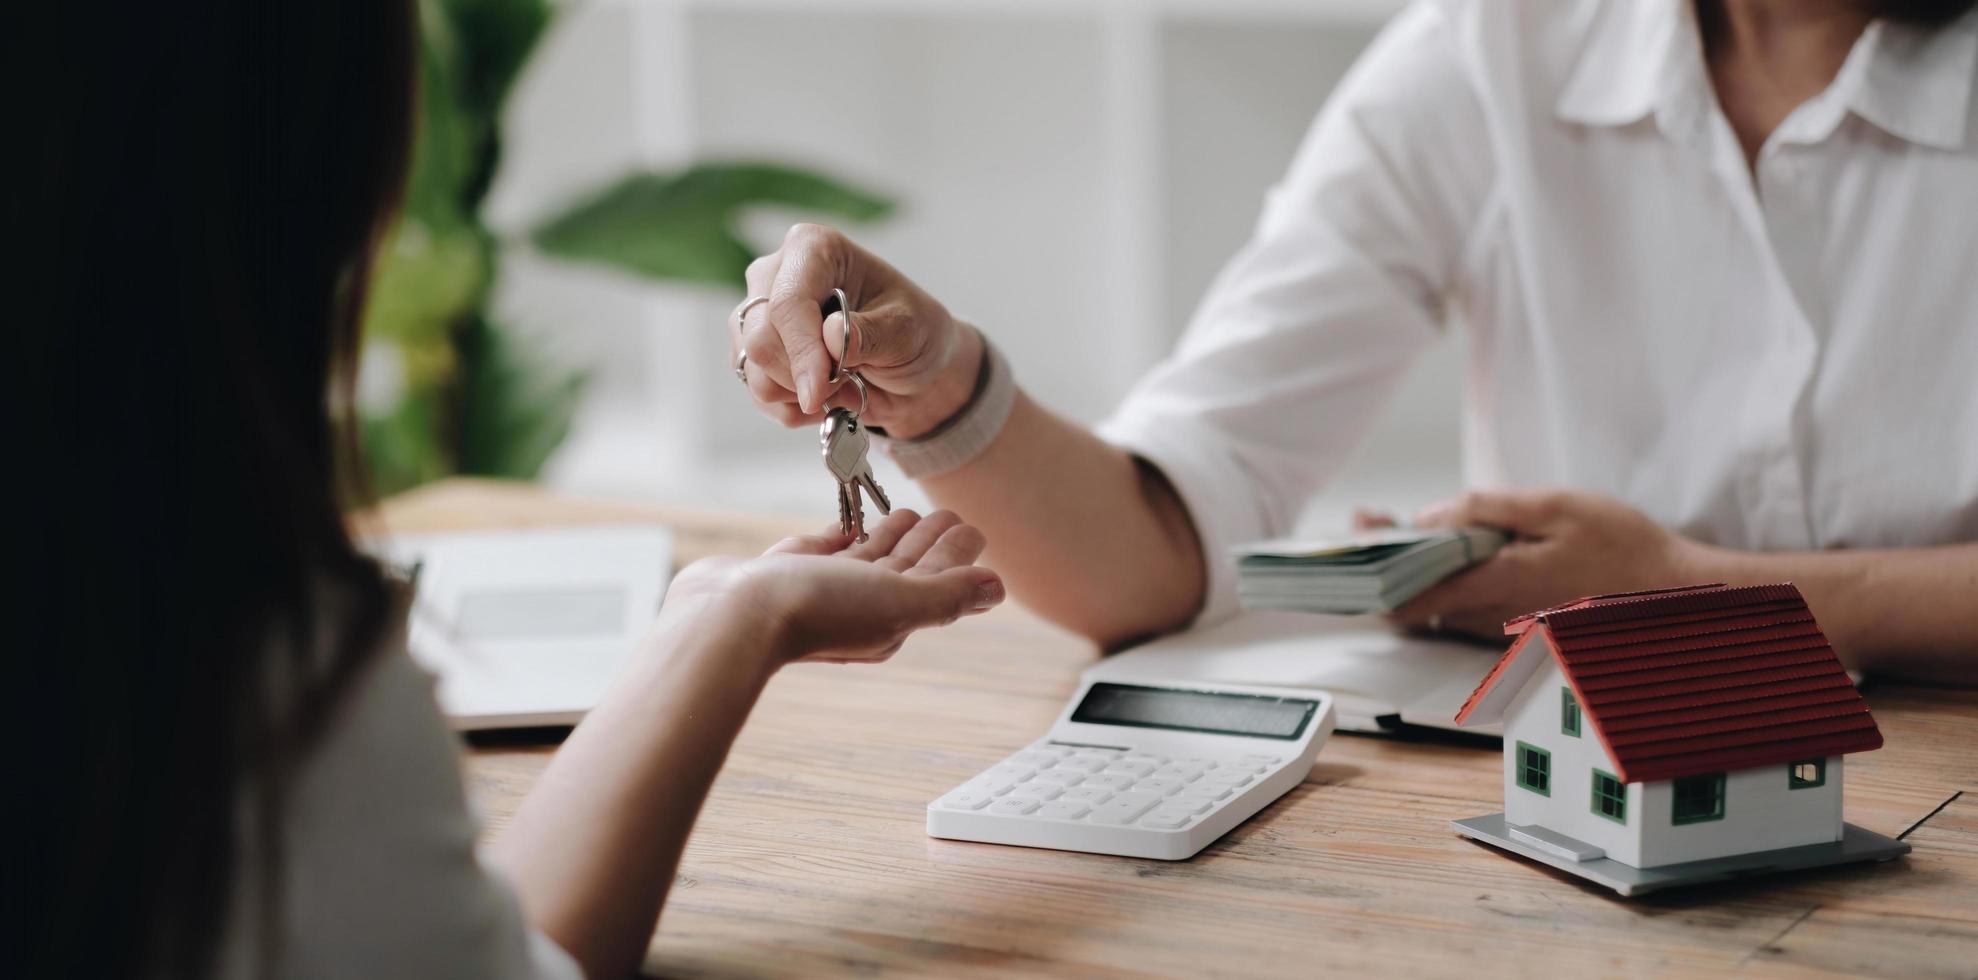 un nuovo proprietario riceve una catena di chiavi di casa da un agente immobiliare dopo aver pagato un deposito di casa. agente immobiliare e cliente, investimento immobiliare. foto